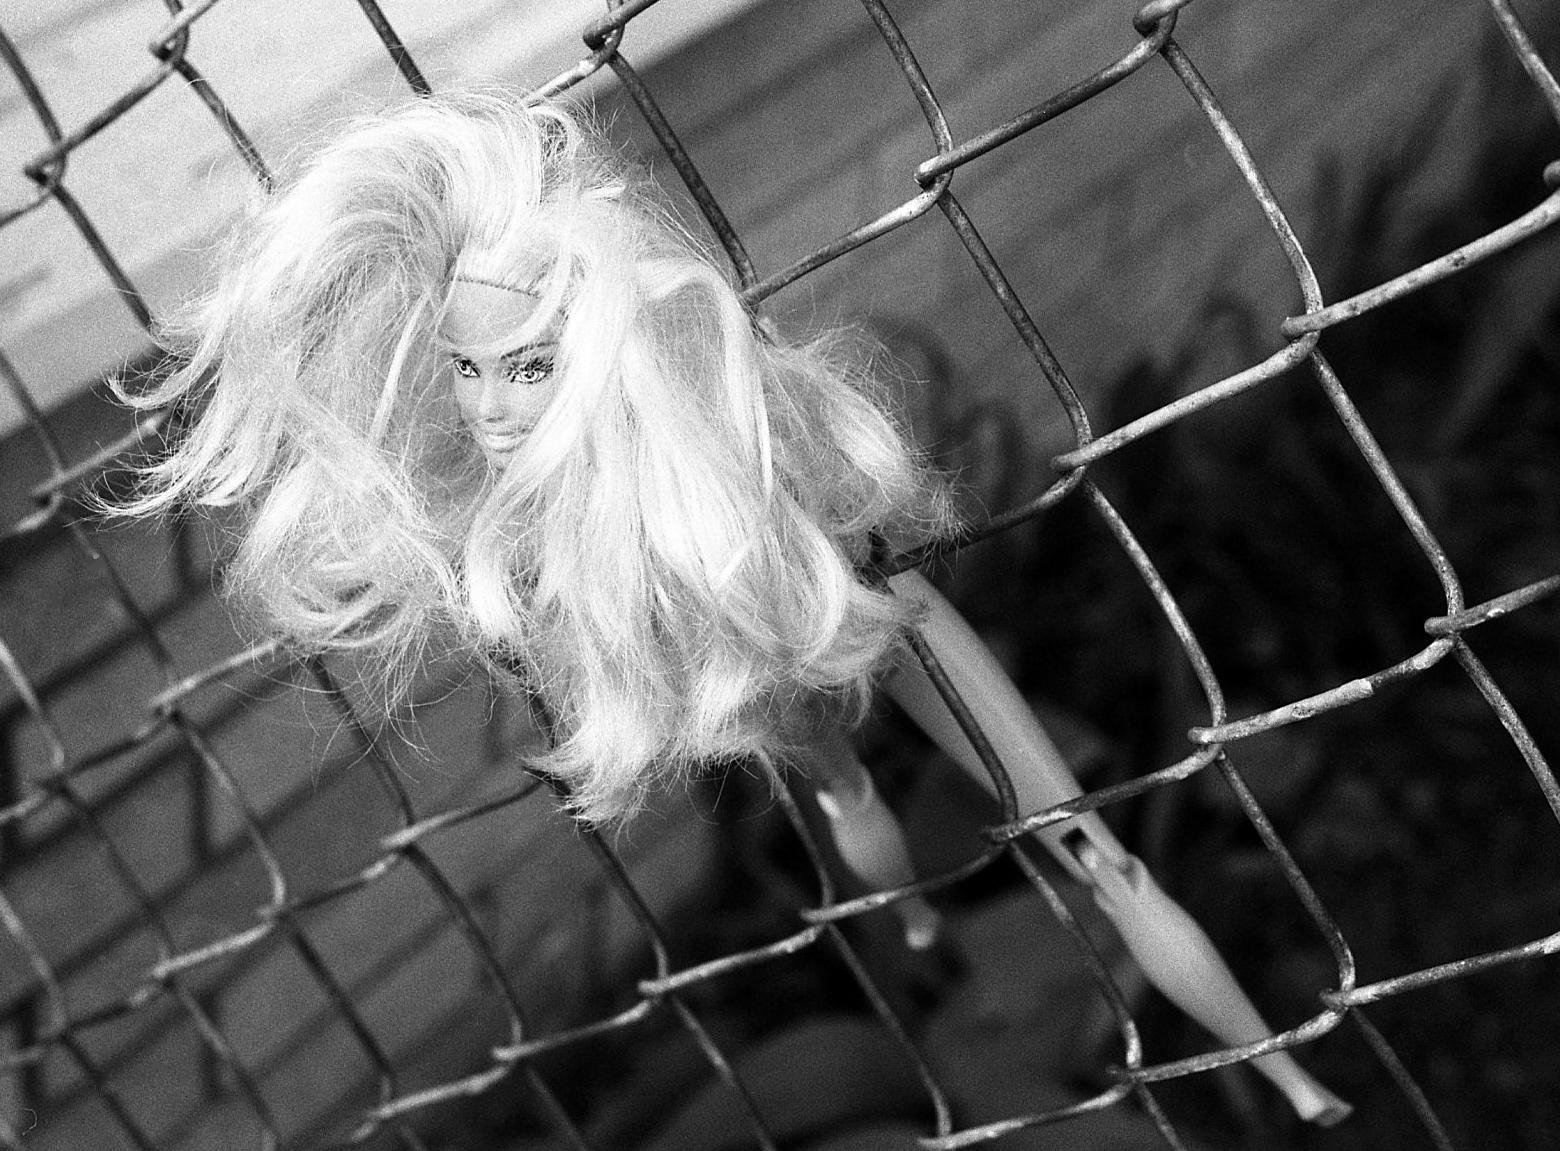 Creepy Barbie